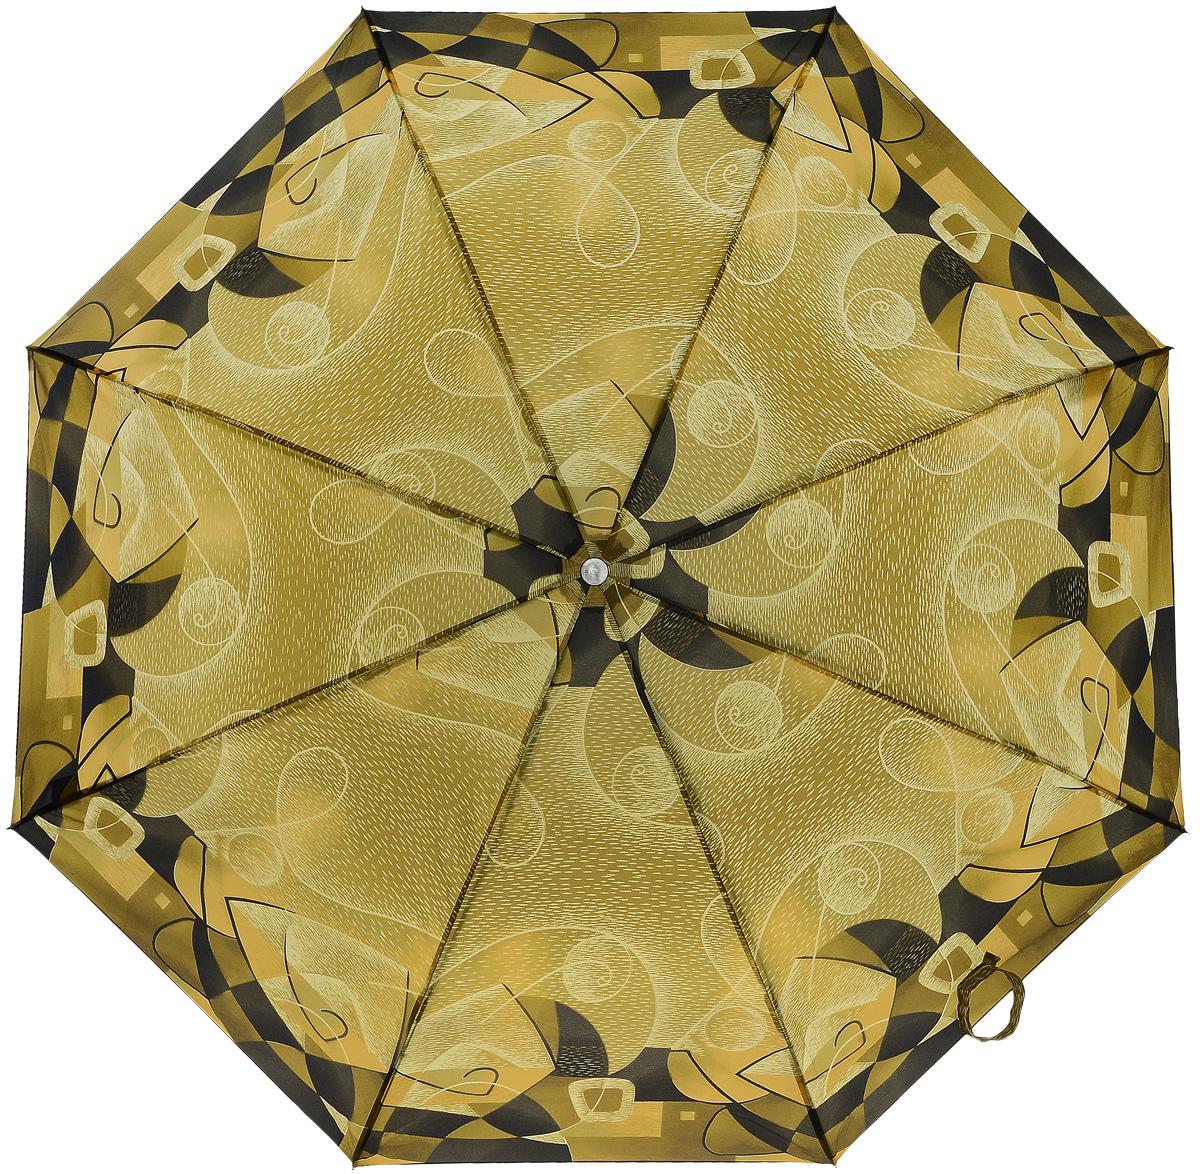 Зонт женский Prize, механический, 3 сложения, цвет: бежевый, темно-бежевый. 355-125355-125Классический женский зонт в 3 сложения с механической системой открытия и закрытия. Удобная ручка выполнена из пластика. Модель зонта выполнена в стандартном размере. Данная модель пердставляет собой эконом класс.